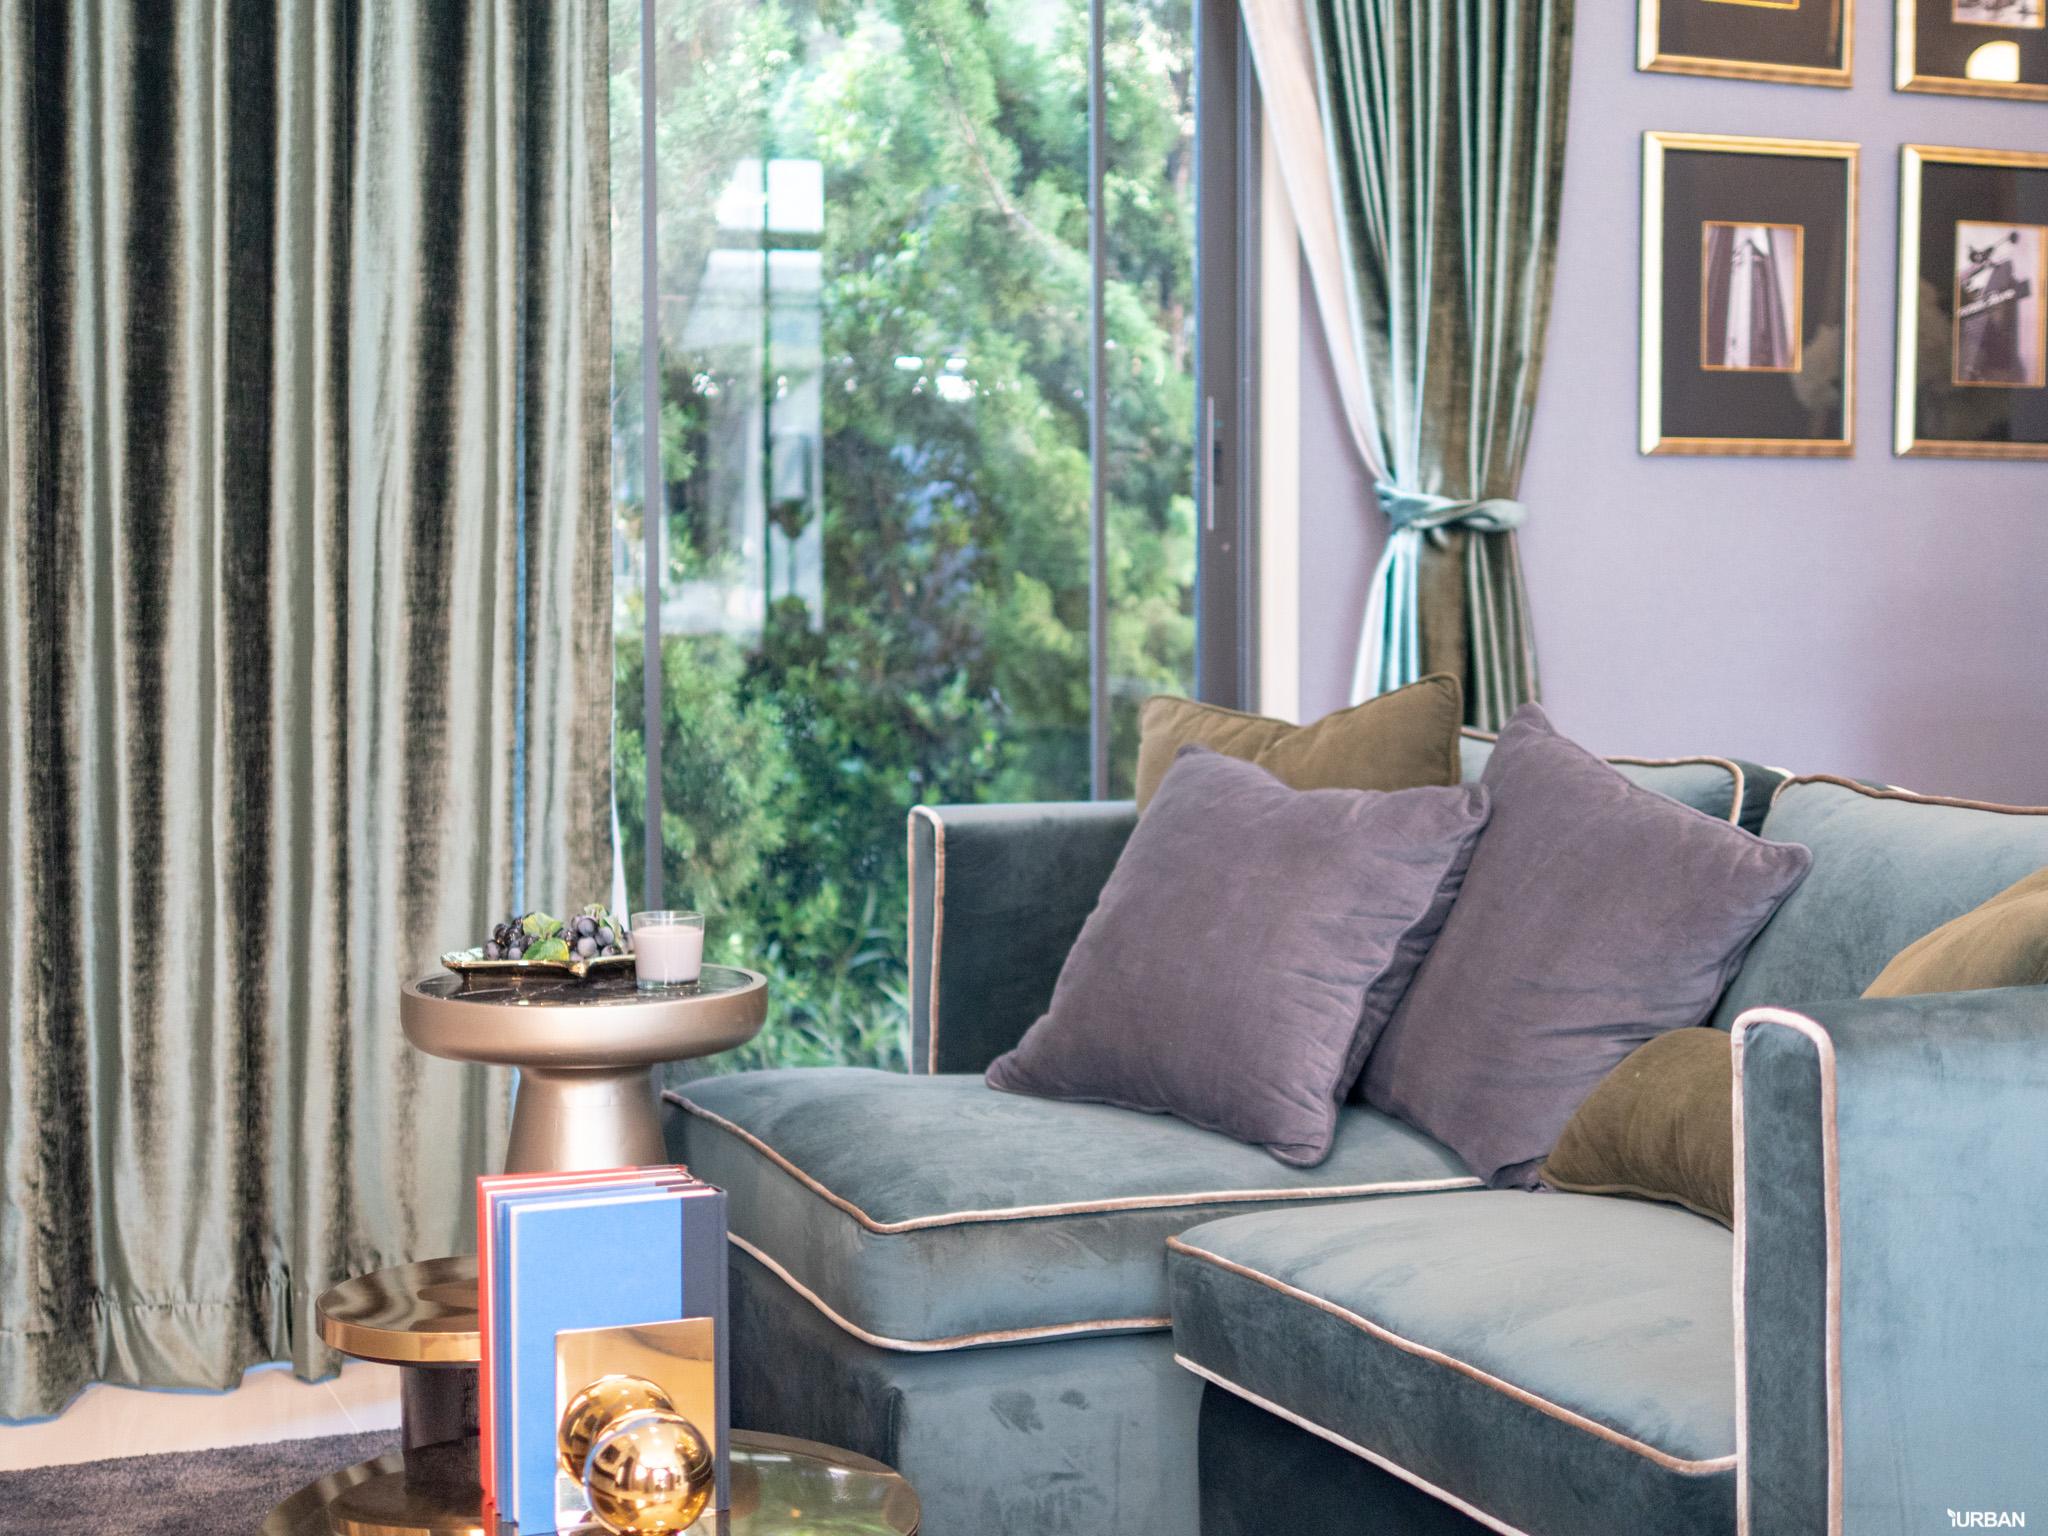 รีวิว บางกอก บูเลอวาร์ด รามอินทรา-เสรีไทย 2 <br>บ้านเดี่ยวสไตล์ Luxury Nordic เพียง 77 ครอบครัว</br> 143 - Boulevard